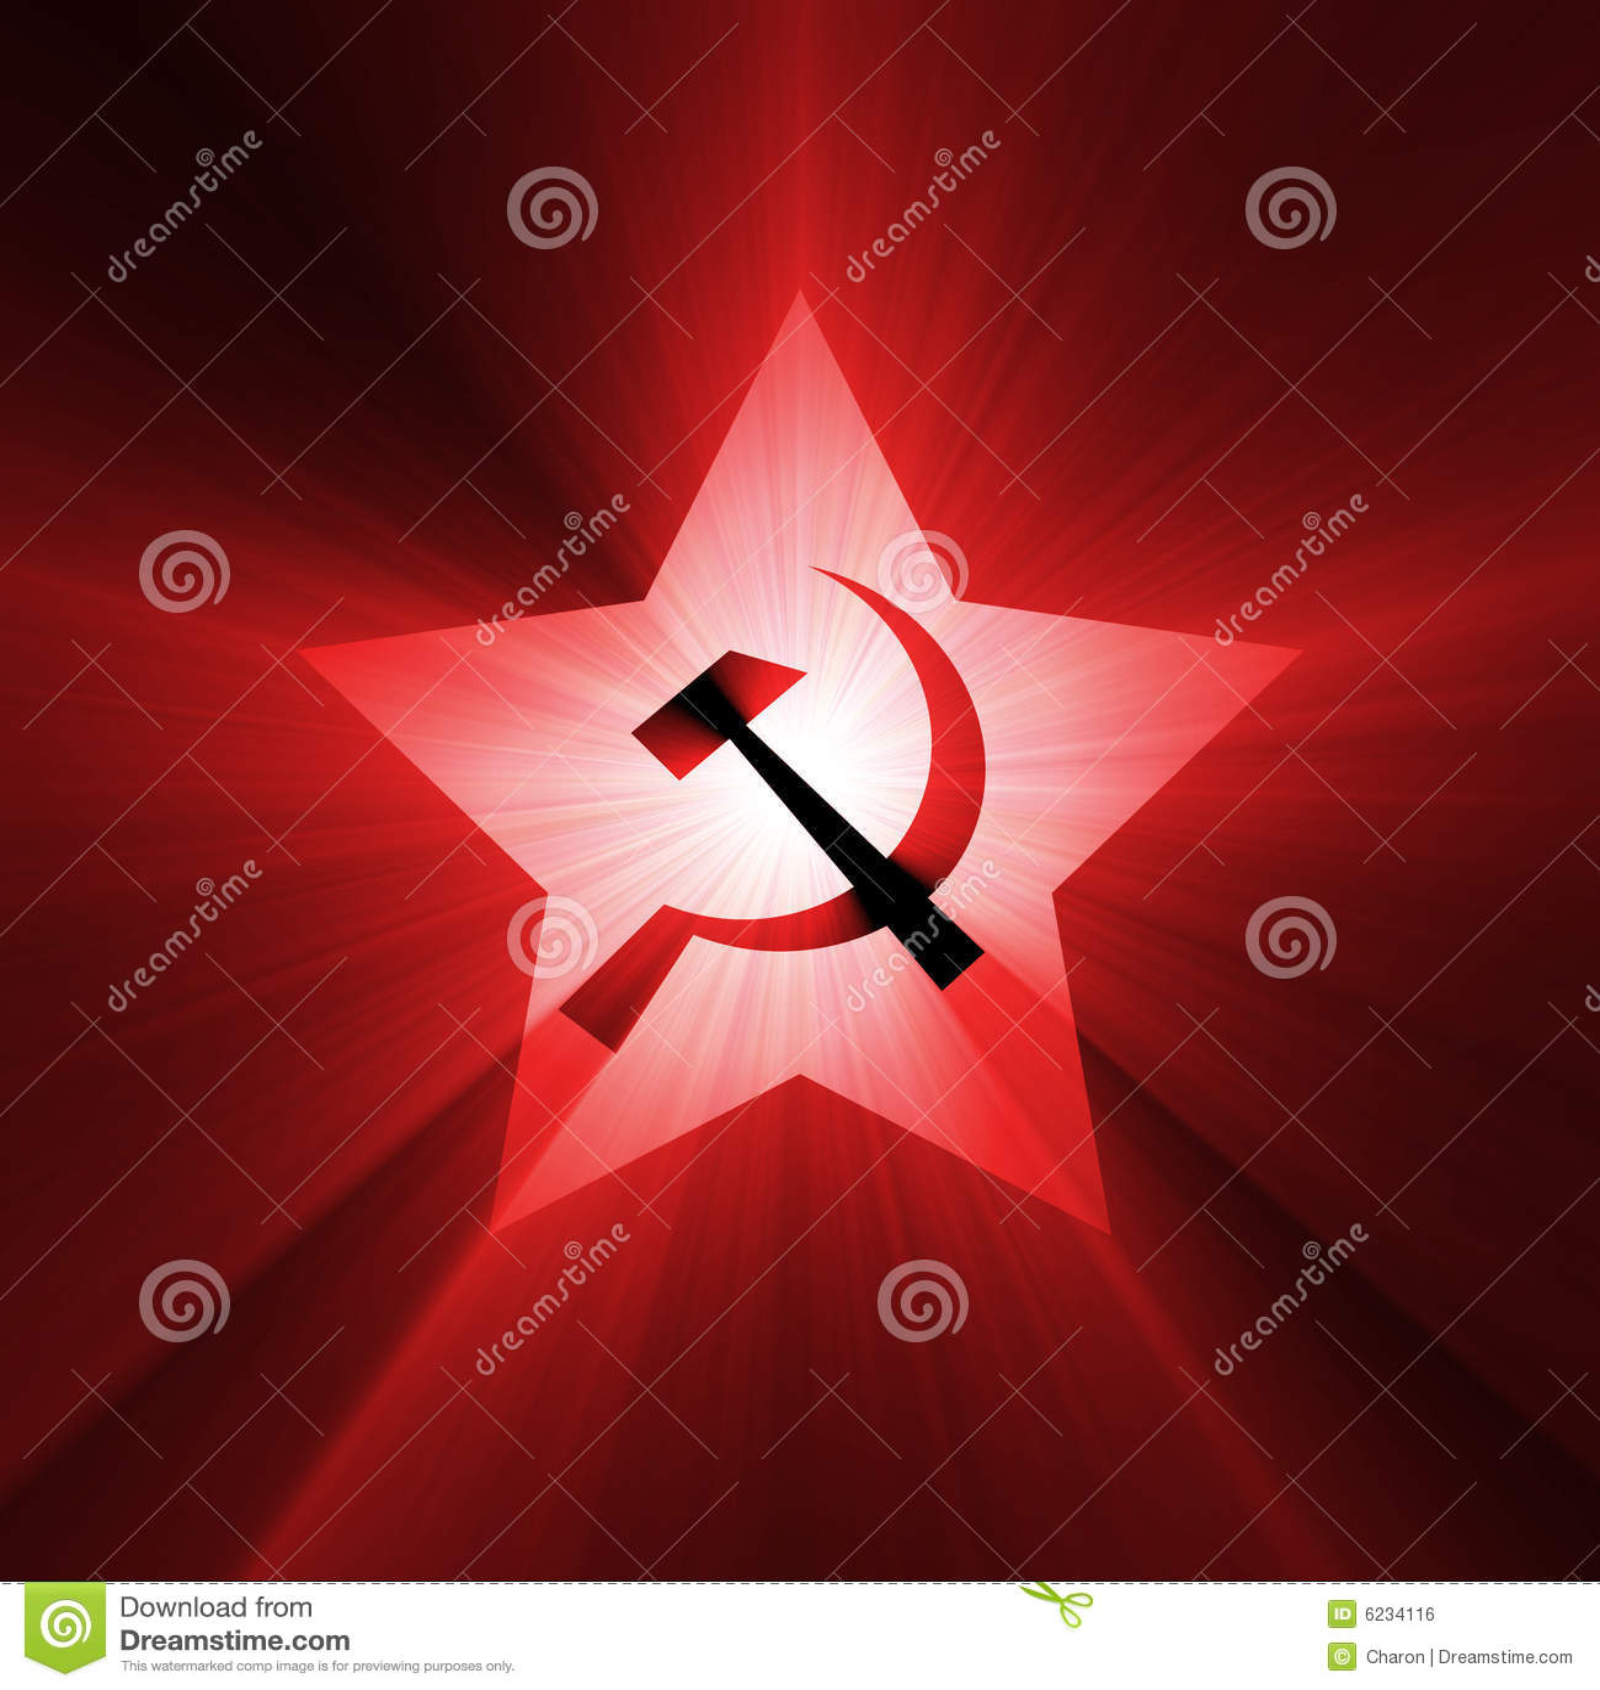 Soviet star symbol red light flare stock illustration soviet star symbol red light flare biocorpaavc Gallery